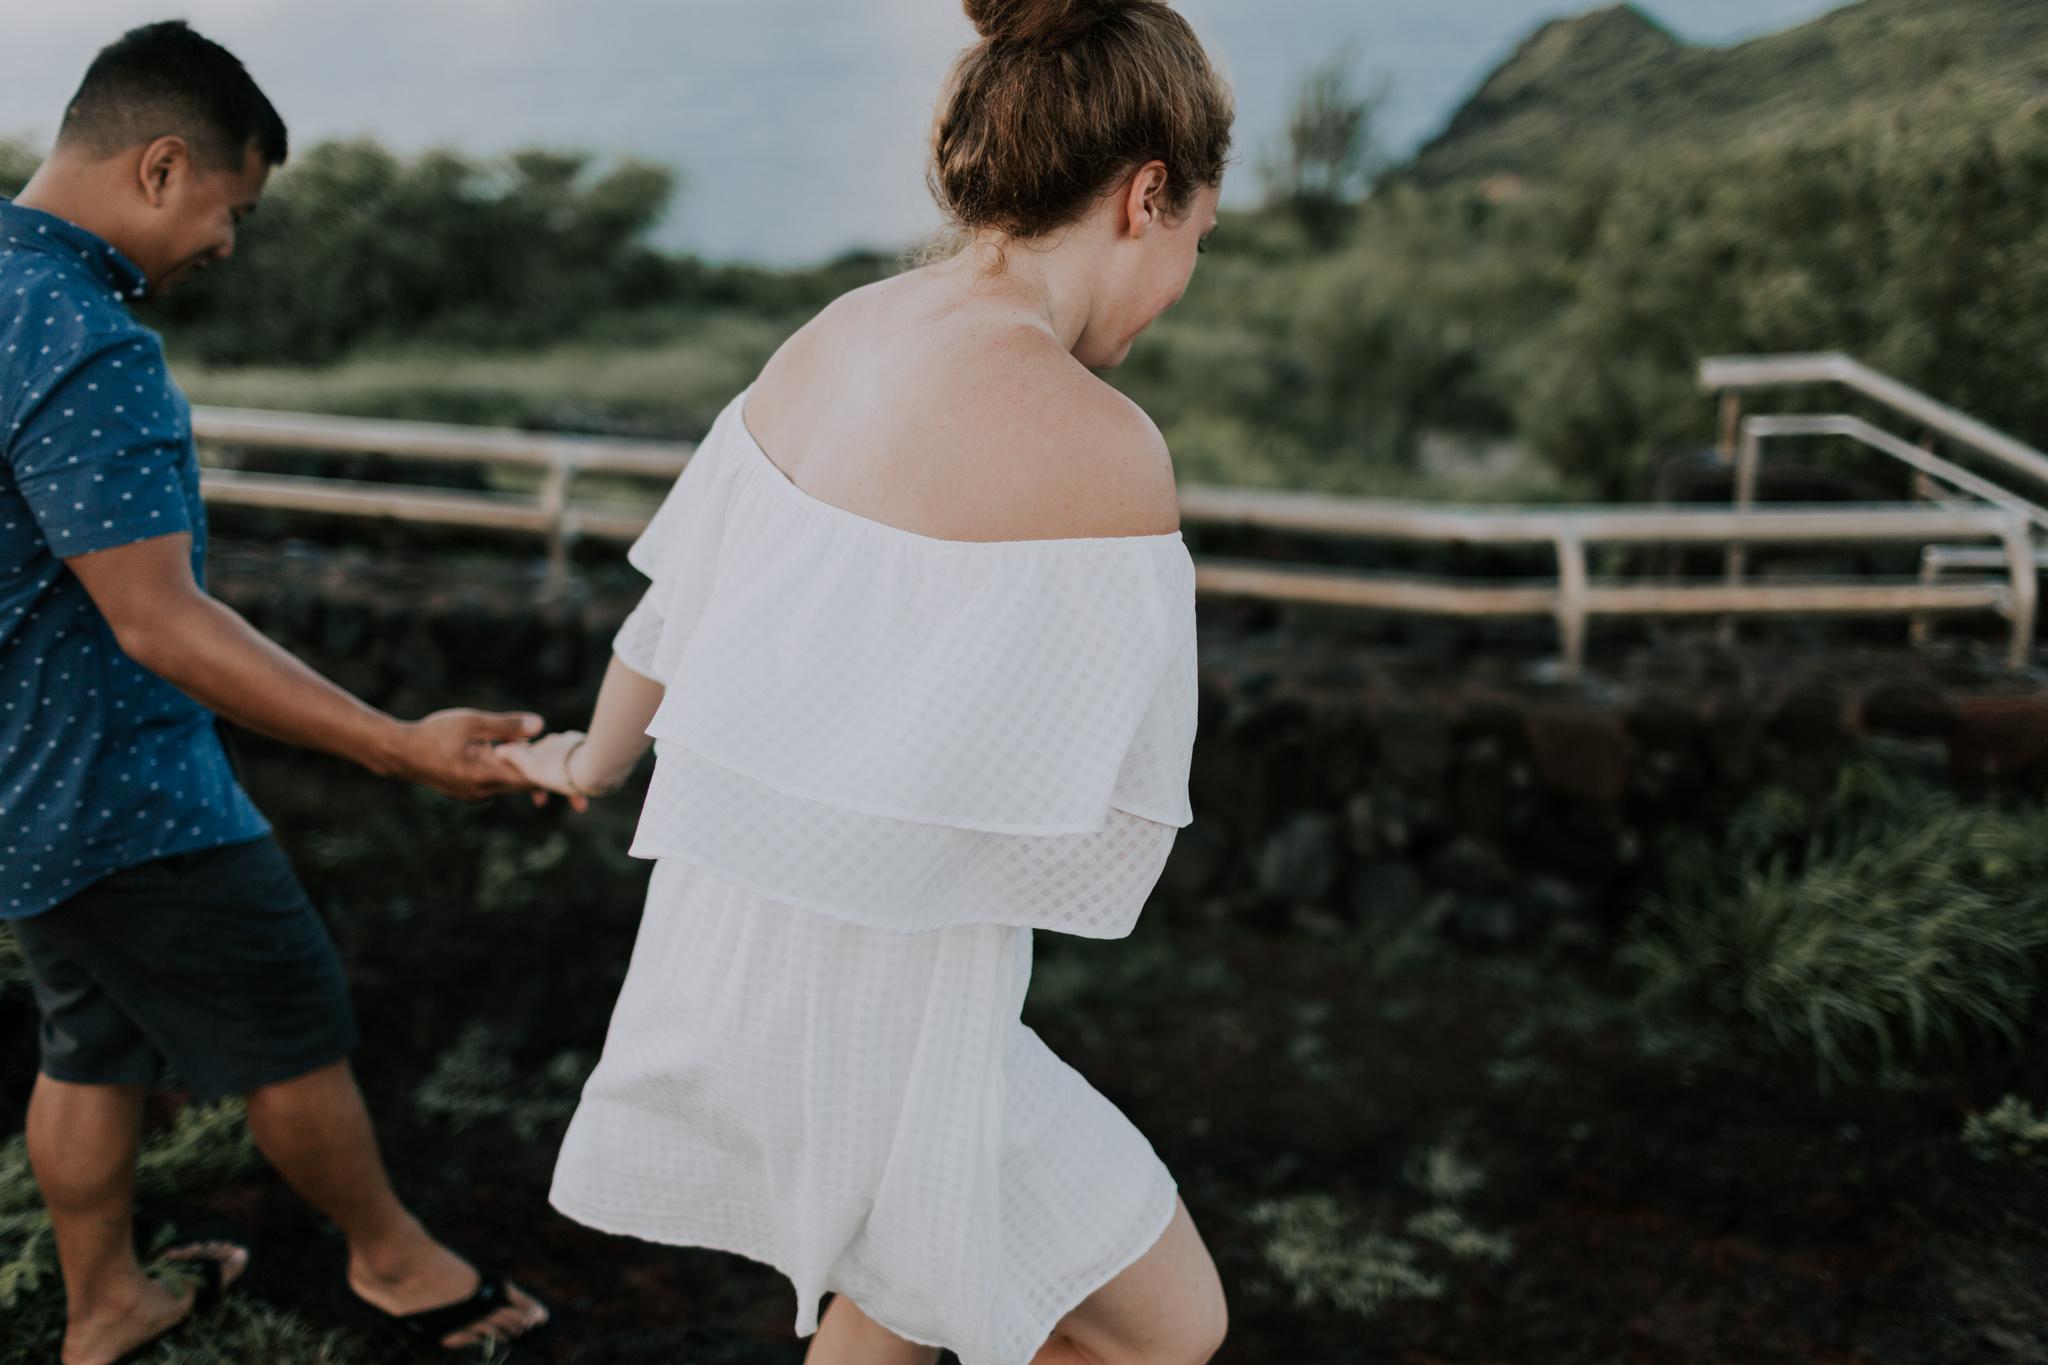 Oahu-Engagement-Session-Olivia-Alika-Vafa-Photo156.jpg